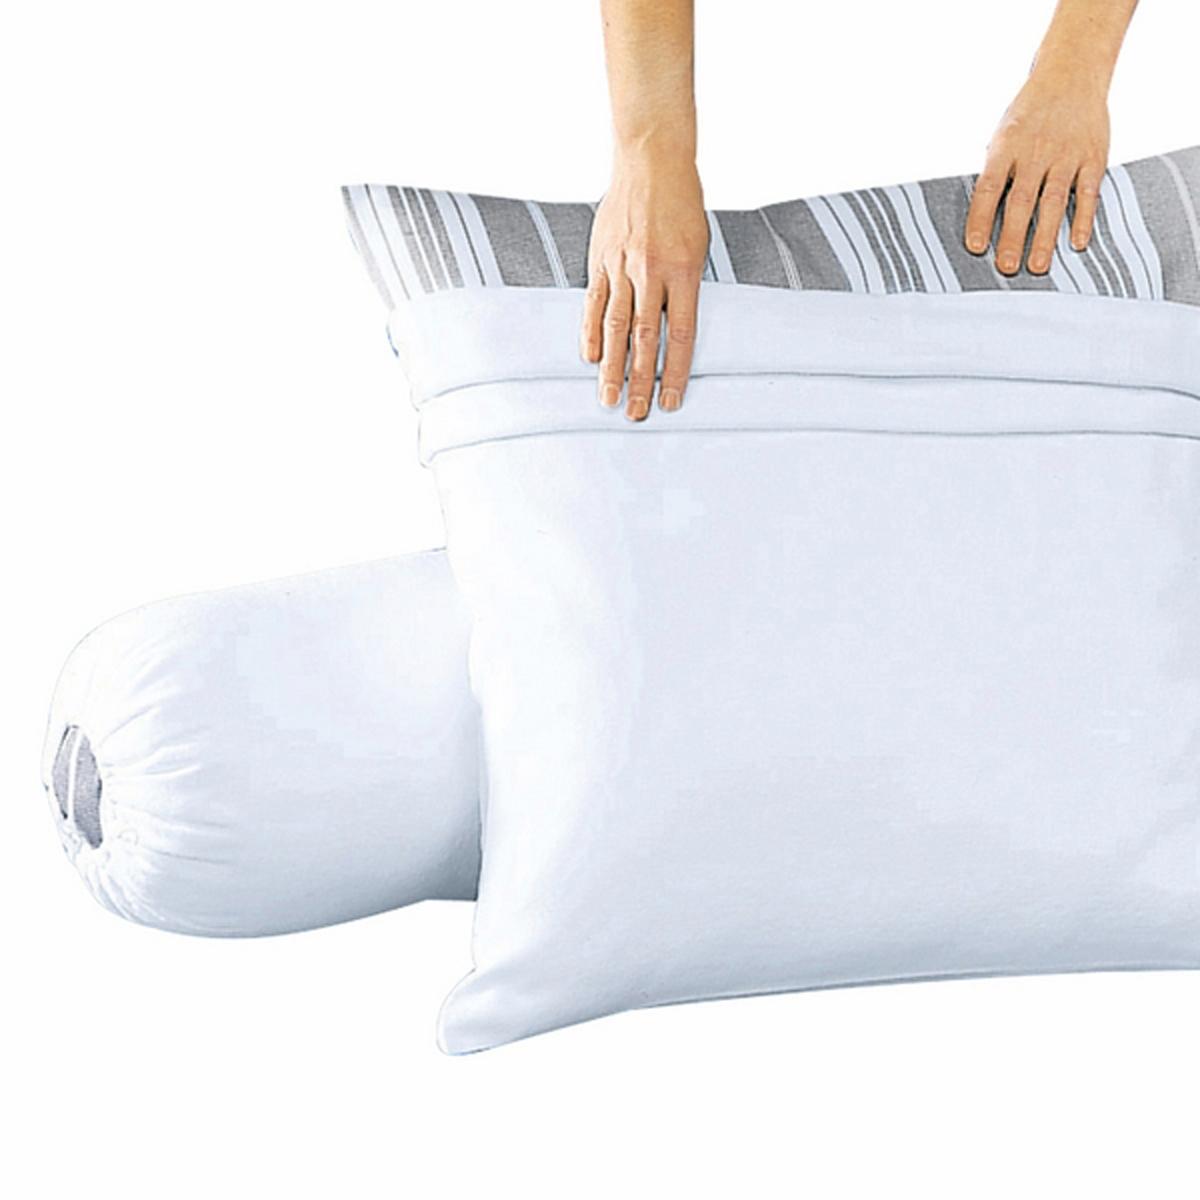 Чехол защитный для подушки из хлопкового мольтонаЗащитный чехол для подушки-валика из мольтона (прочесанного с обеих сторон) из 100% хлопка, очень комфортного и плотного (200 г/м?).Стирка при 95°С для идеальной чистоты, защита SANFOR (от усадки ткани).Размеры:90 x 75 см, 140 x 75 см, 160 x 75 см.Качество VALEUR S?RE.<br><br>Цвет: белый<br>Размер: длина: 160 см